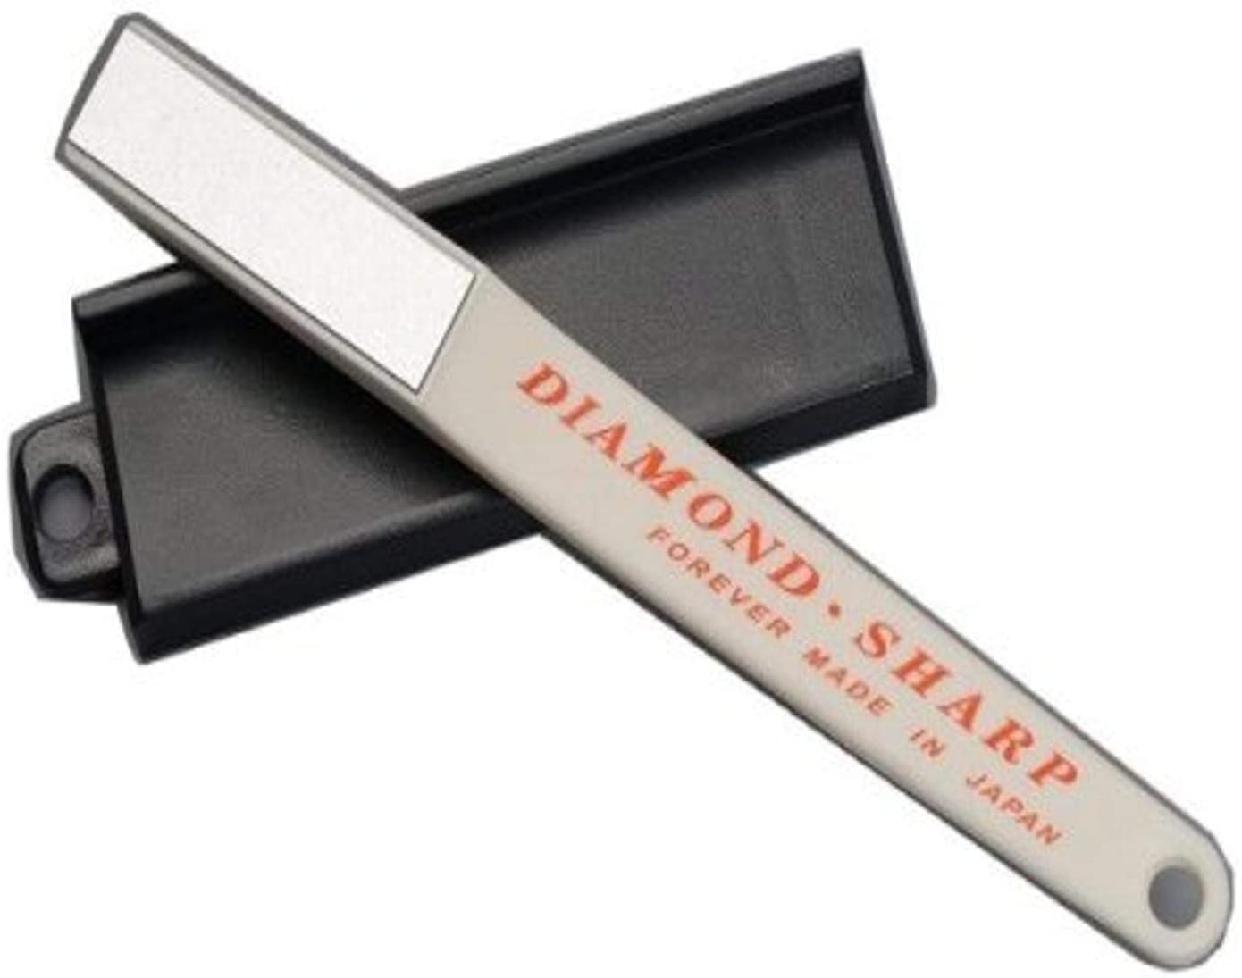 フォーエバー ダイヤモンドシャープナー(研台付き) グレー D-2Dの商品画像